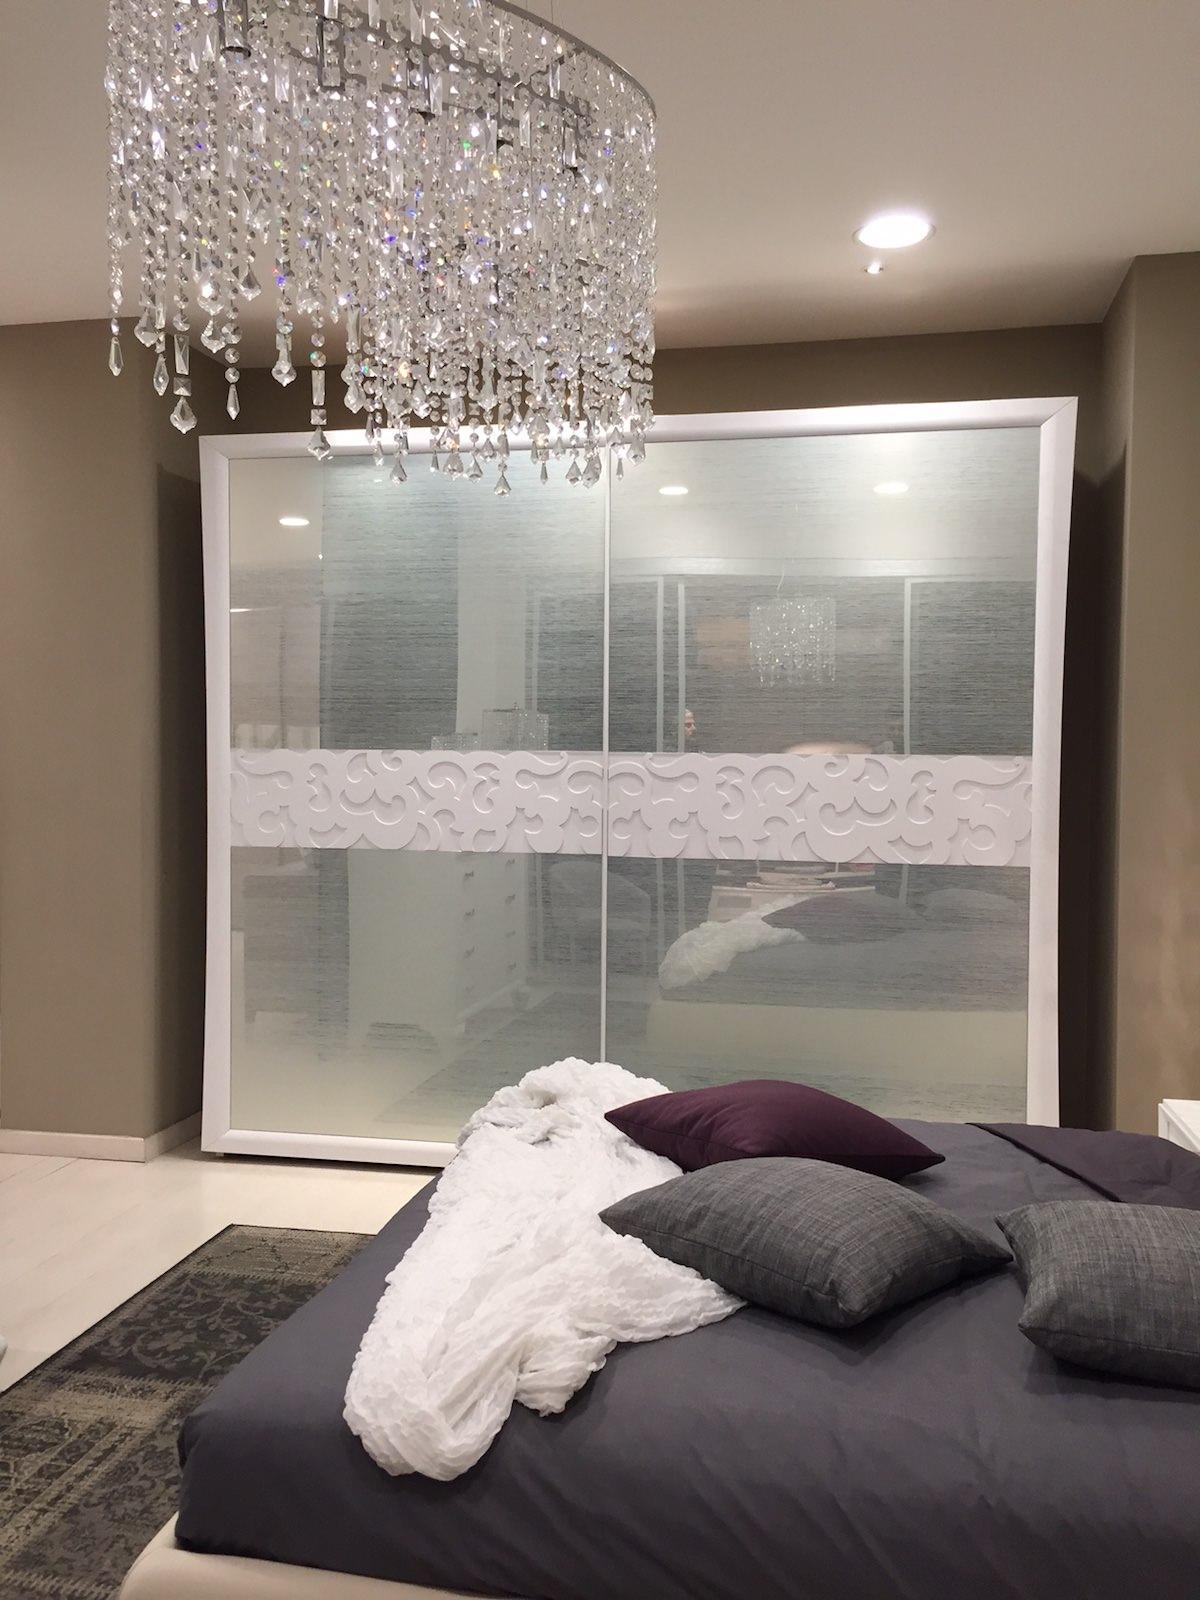 Camera matrimoniale con e senza letto portofino modo 10 rafaschieri arredamenti - Cerco camera da letto matrimoniale ...